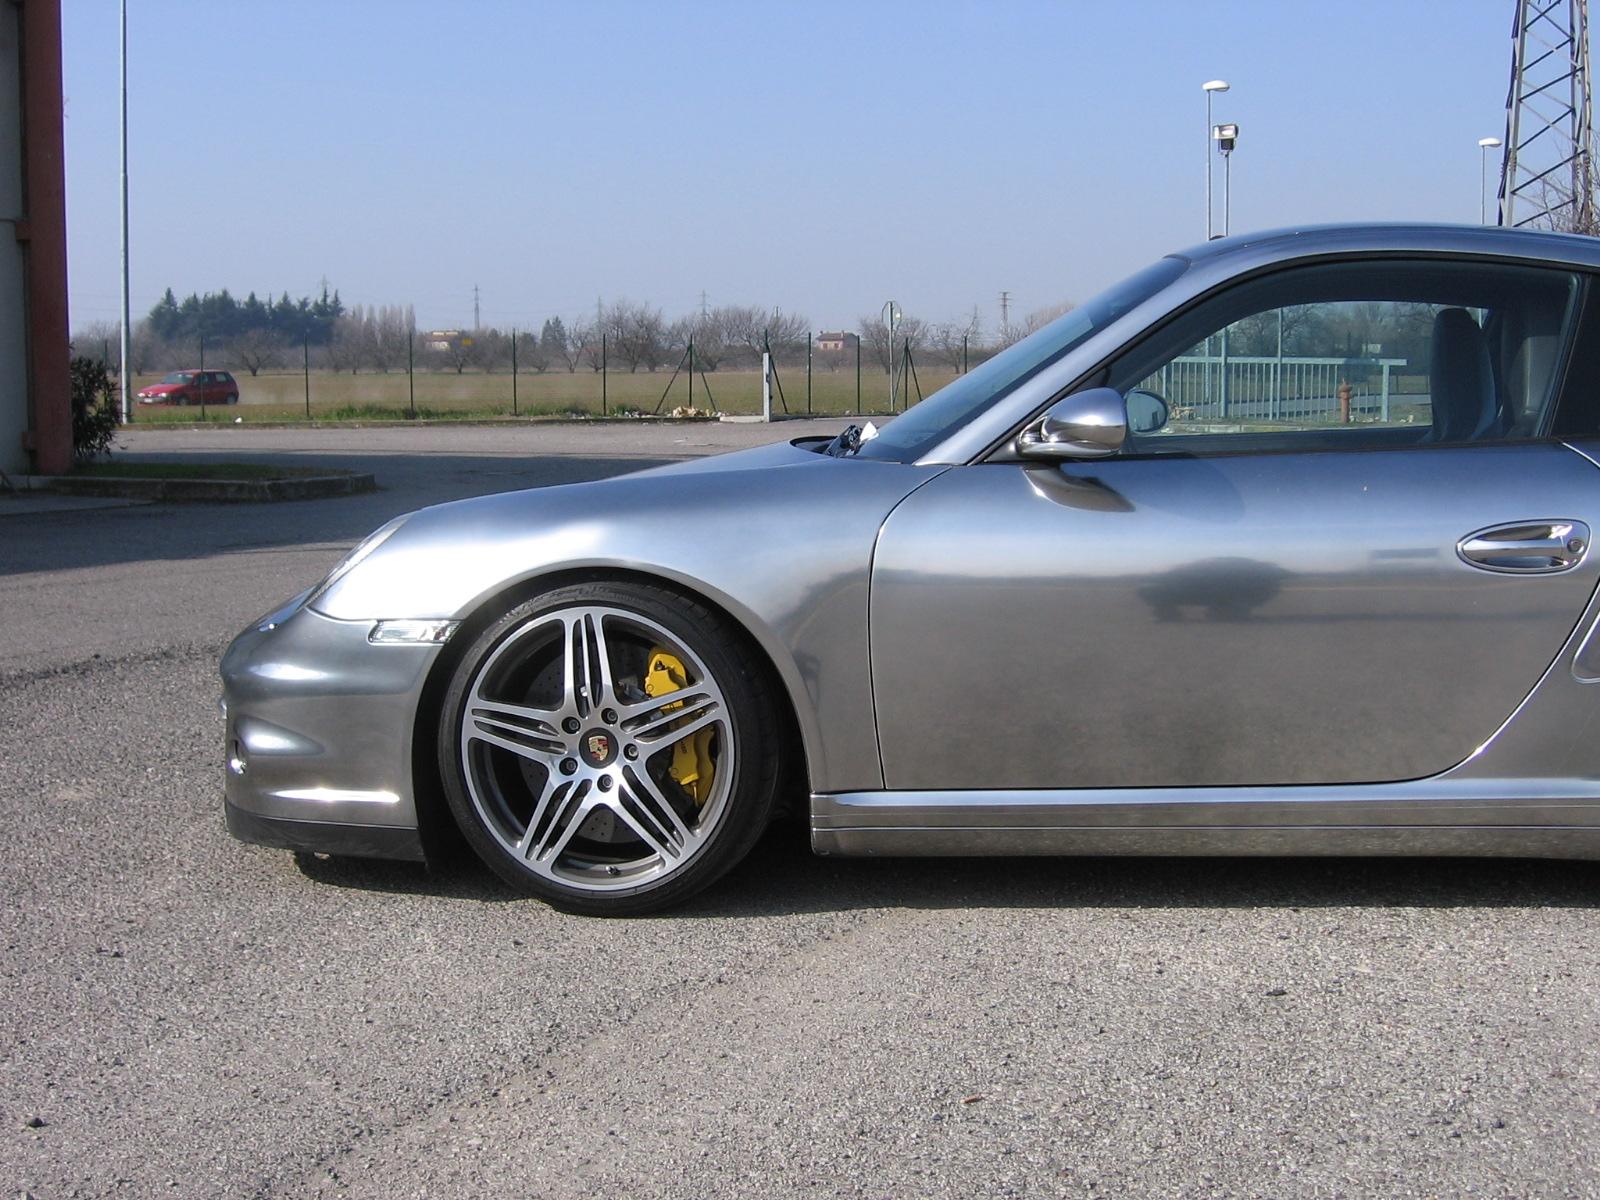 Vista laterale/posteriore di Porsche 997 Turbo cromata